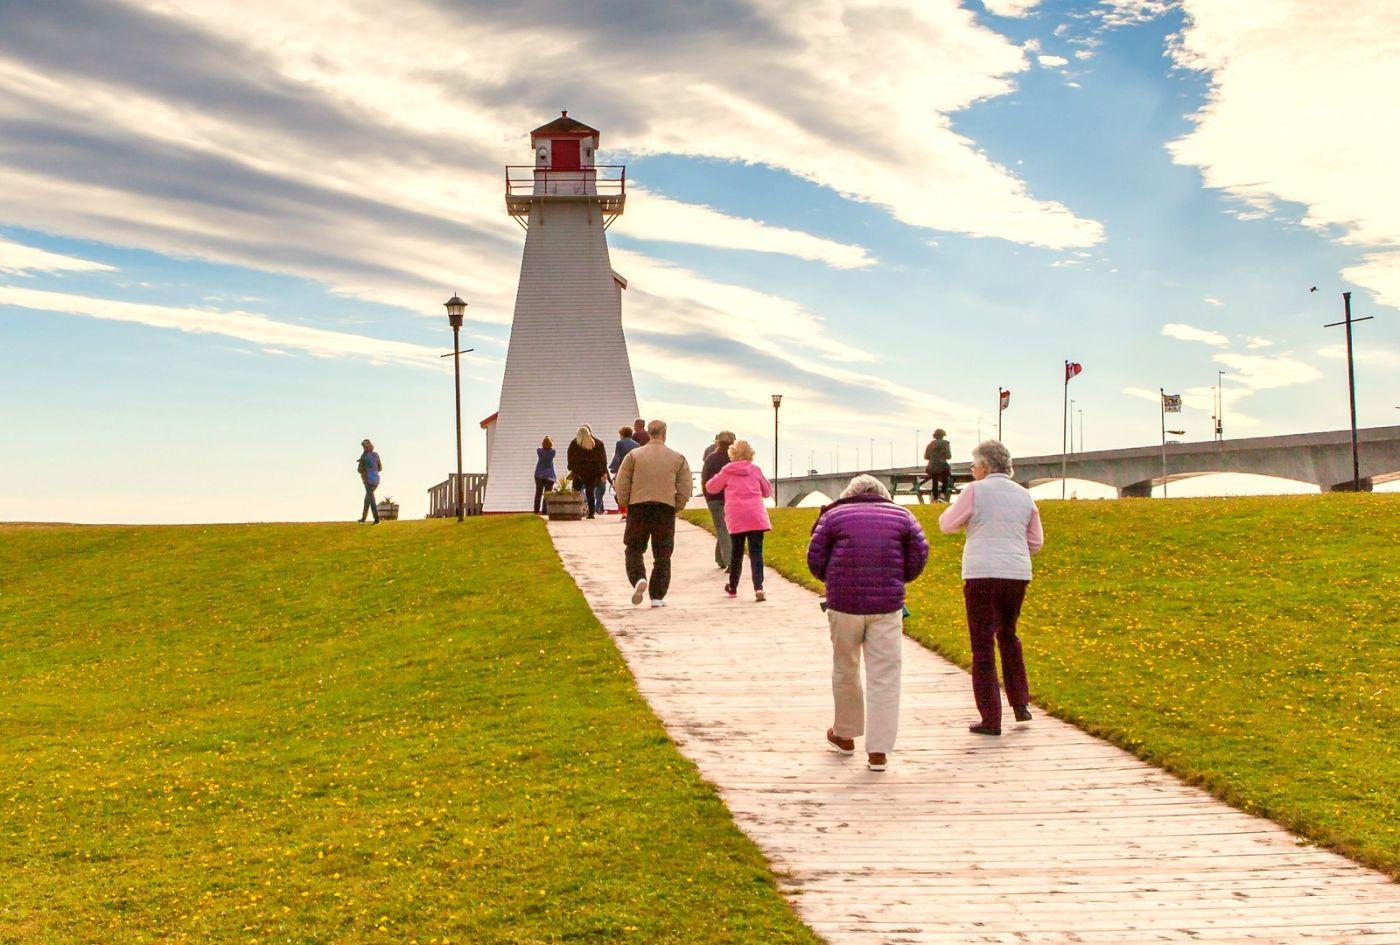 加拿大风景,长桥和灯塔_图1-18